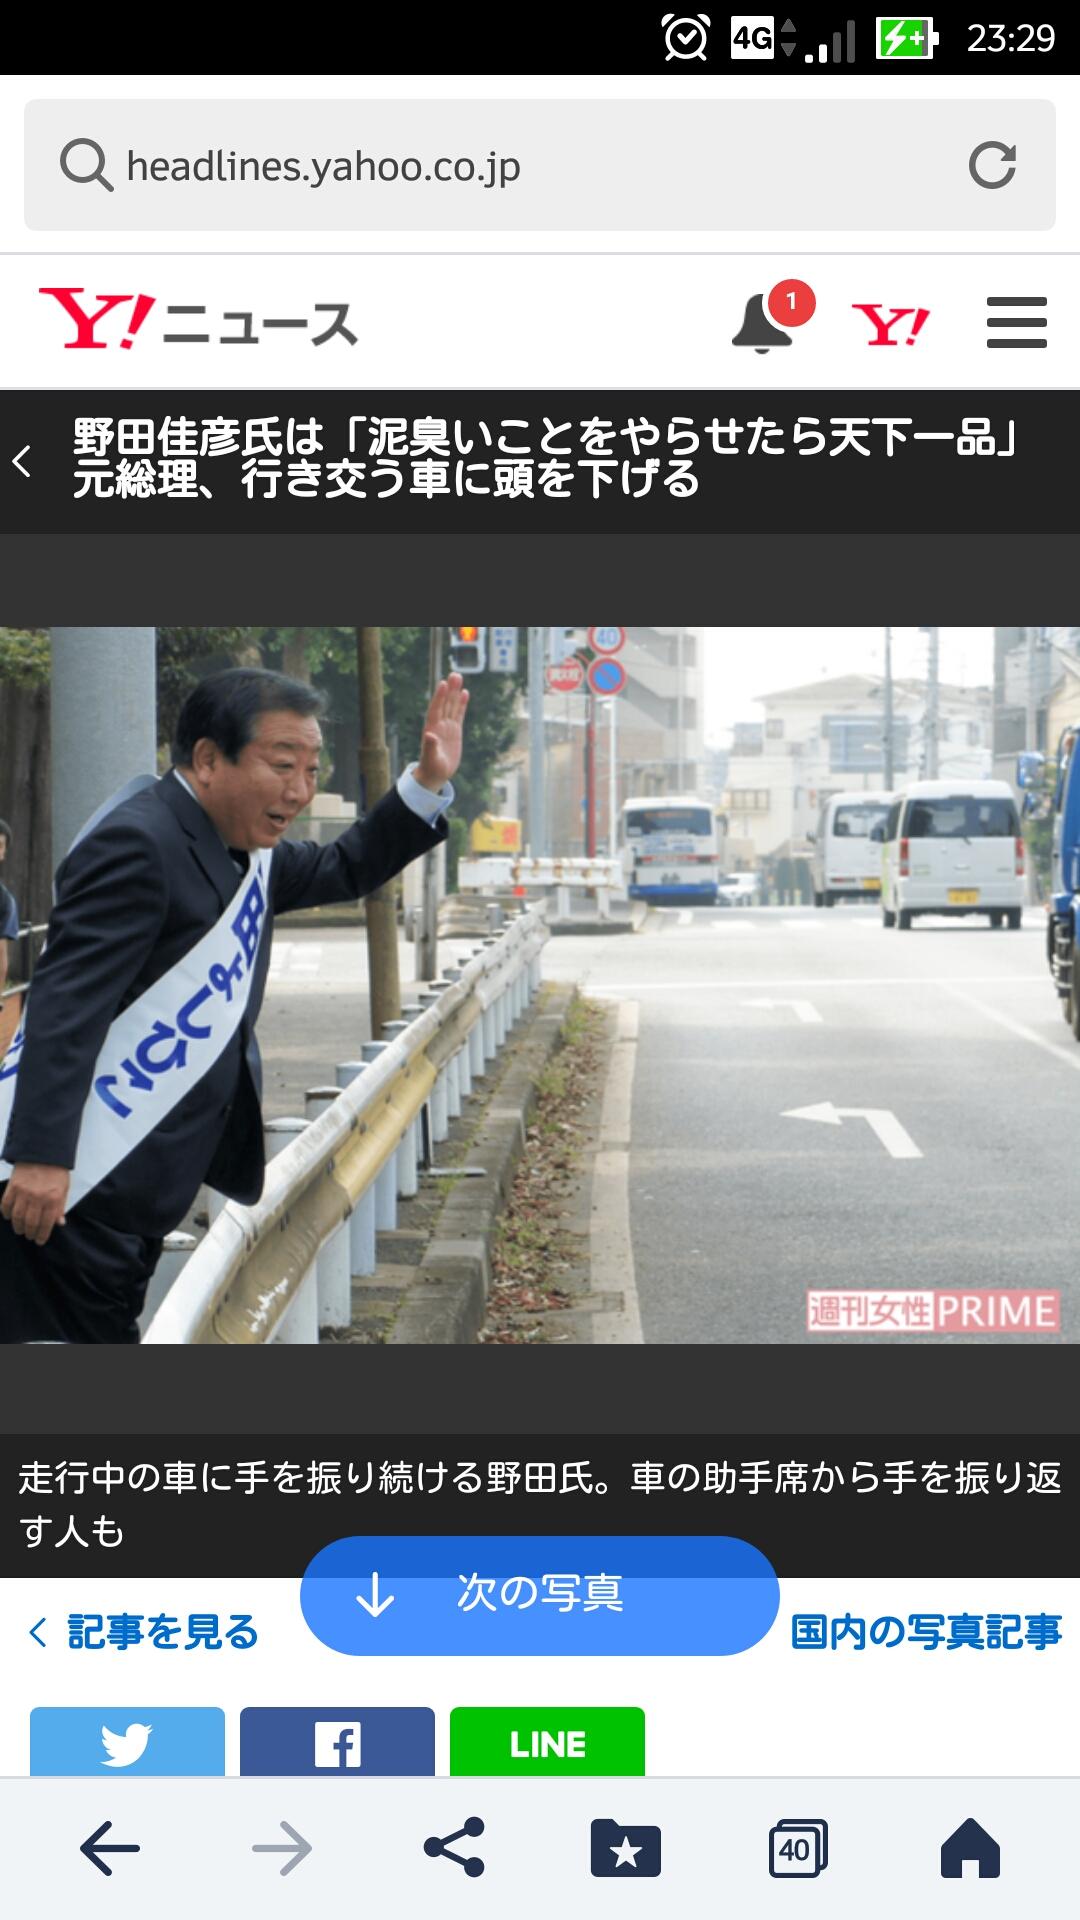 野田元首相、行き交う車一台一台に頭を下げる。25年間、毎朝辻立ちした場所で・・・ のサムネイル画像